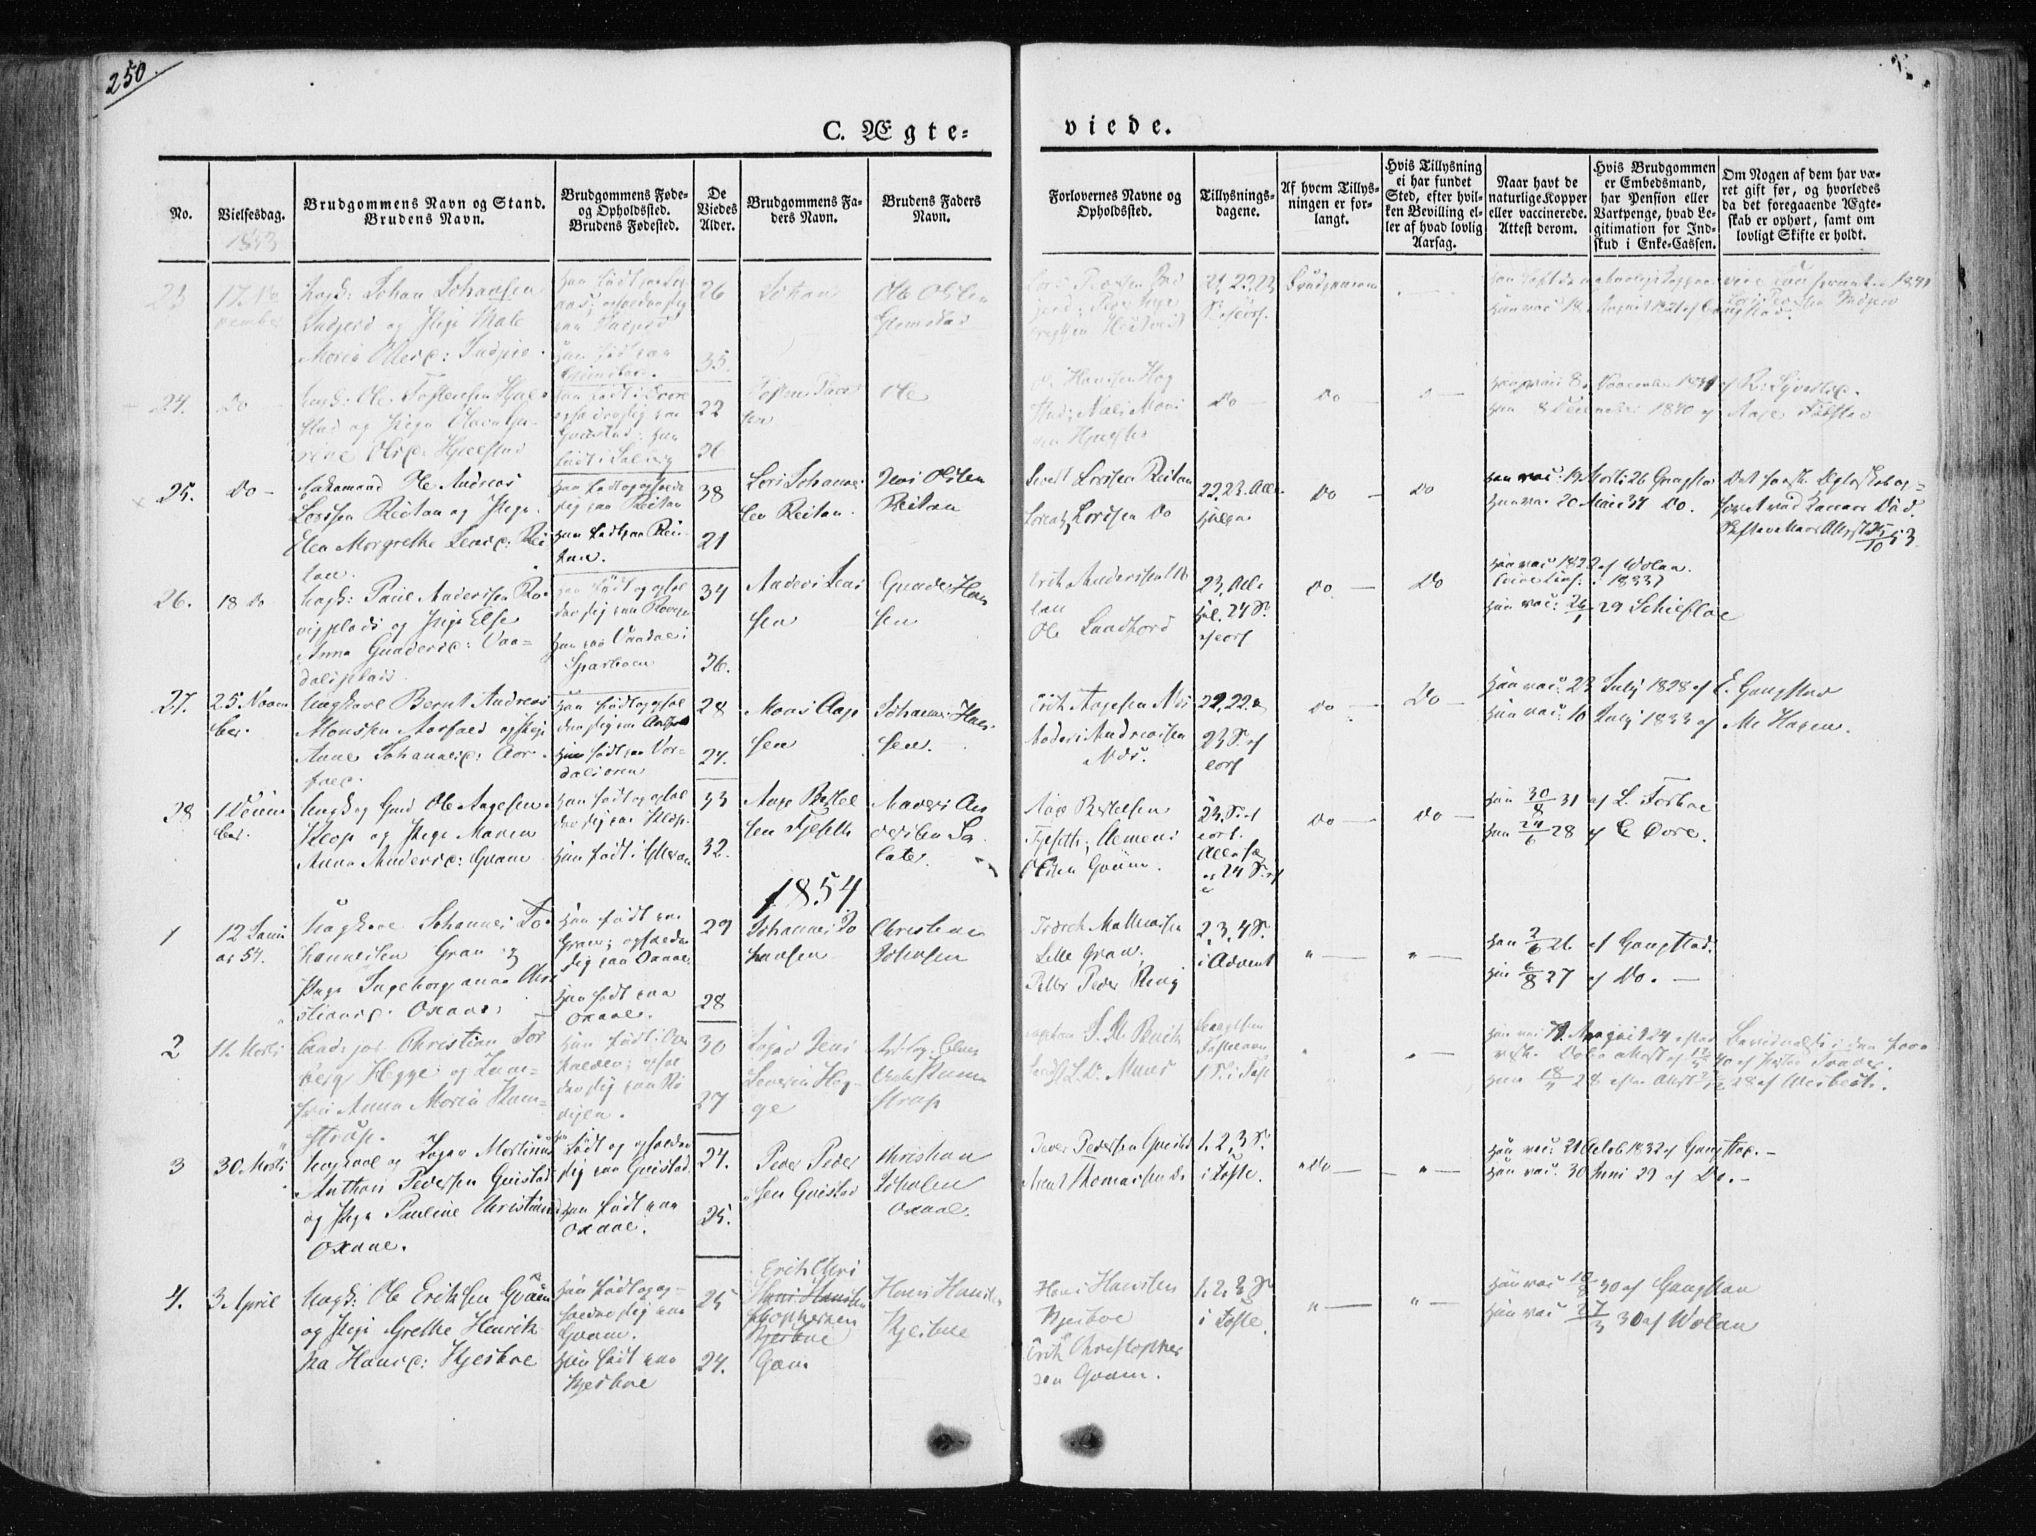 SAT, Ministerialprotokoller, klokkerbøker og fødselsregistre - Nord-Trøndelag, 730/L0280: Ministerialbok nr. 730A07 /1, 1840-1854, s. 250